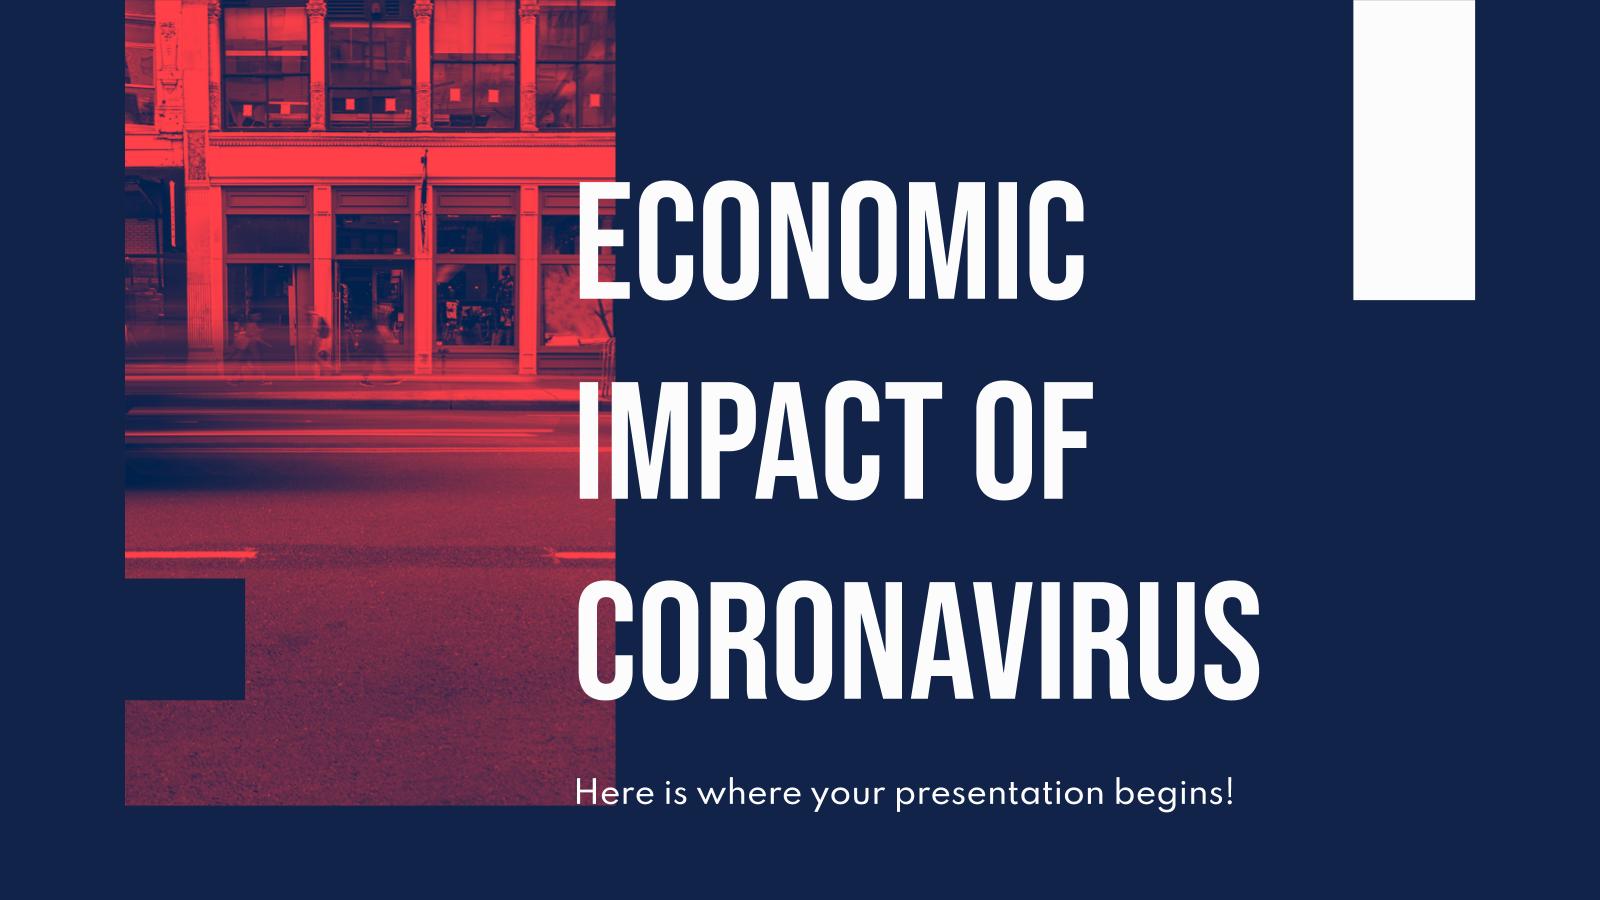 Impact économique du coronavirus : Modèles de présentation